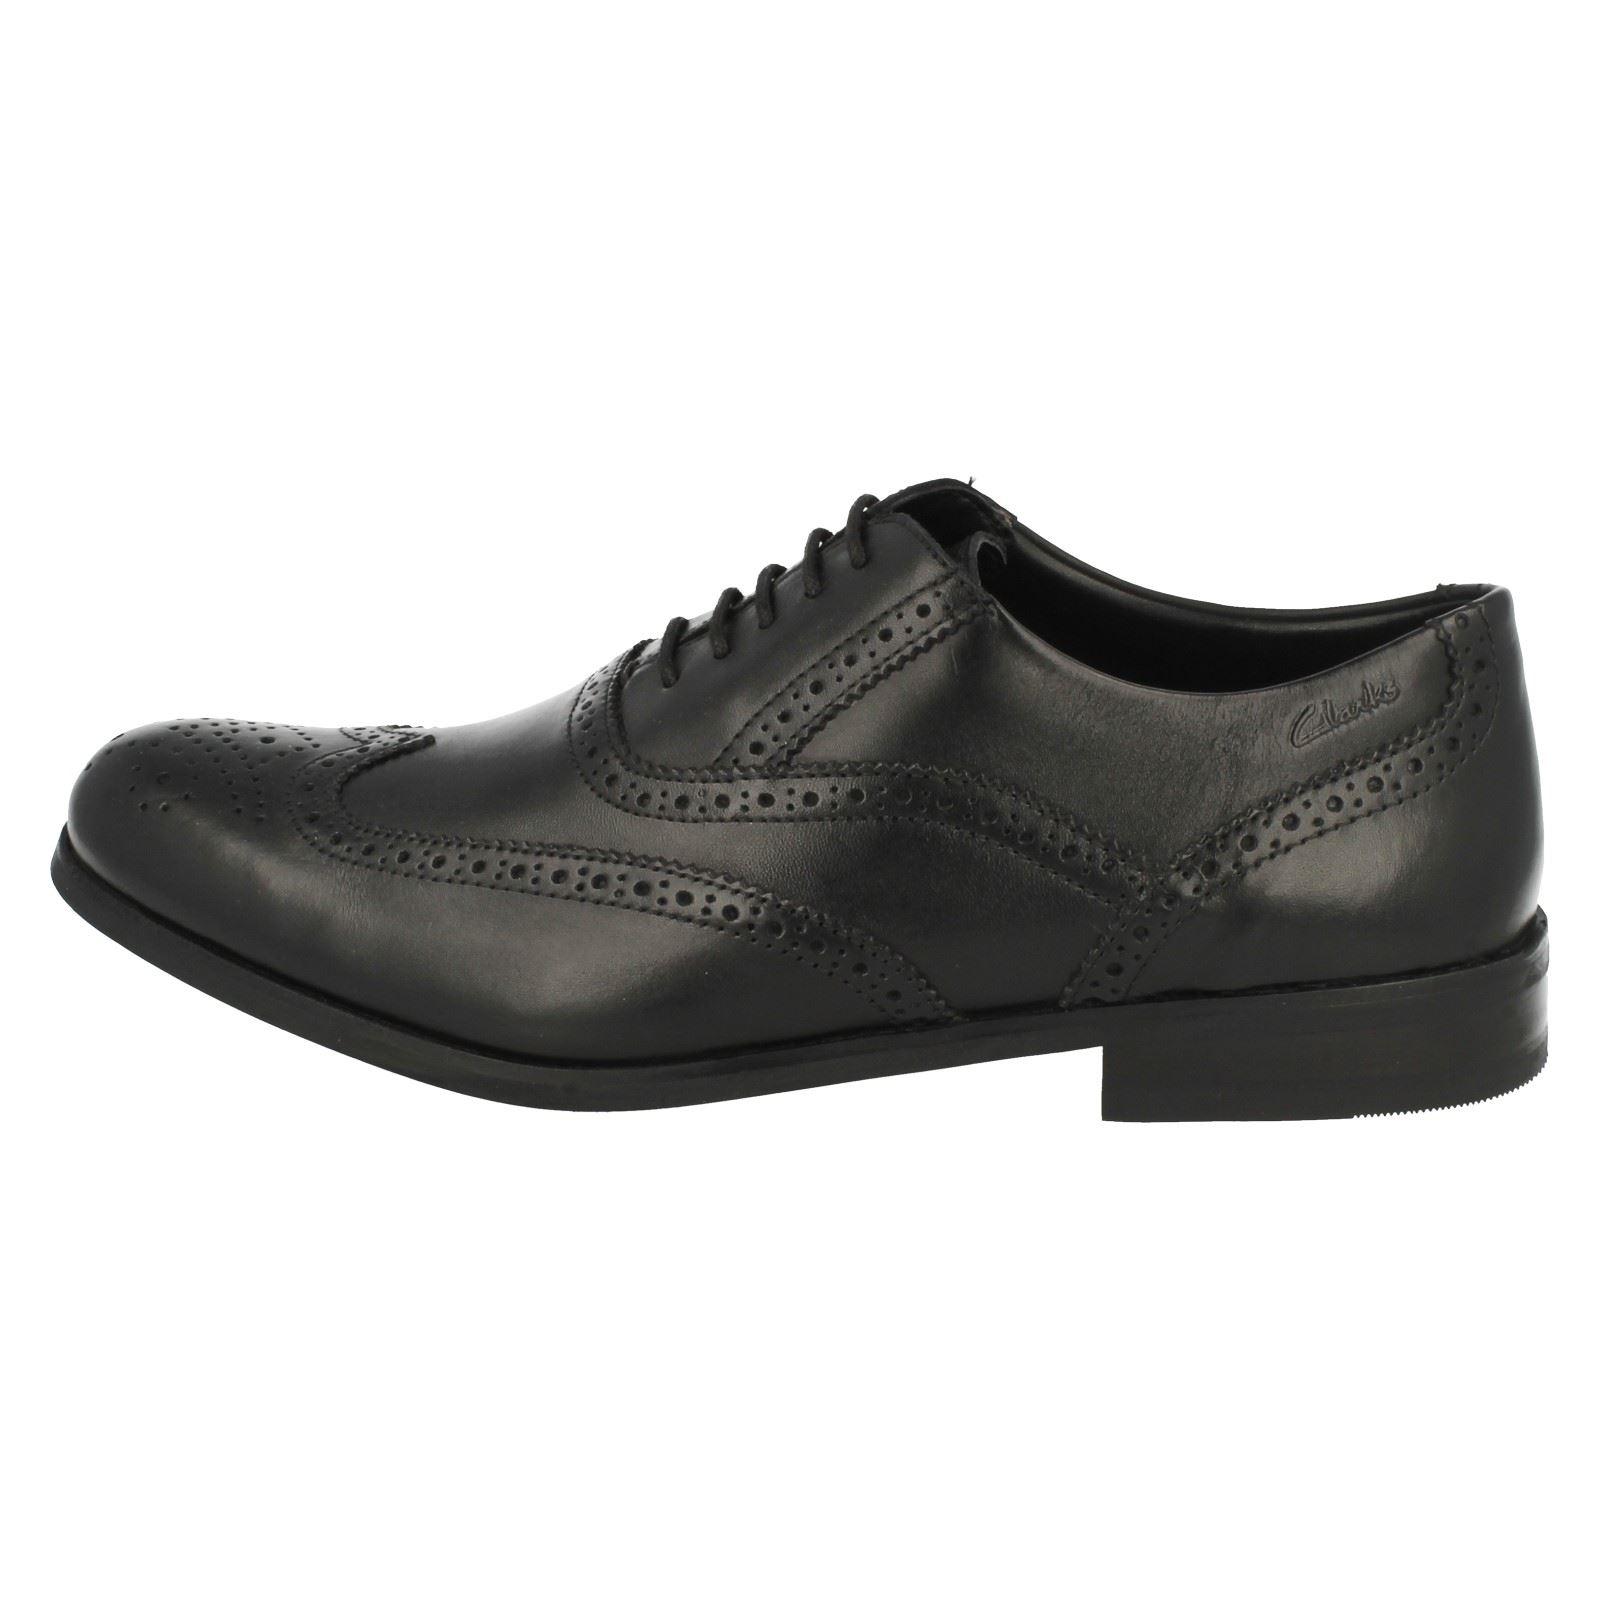 Formal Clarks hombre Shoes Clarks Brogue' 'brint Negro Brogue para nvTqqwFg